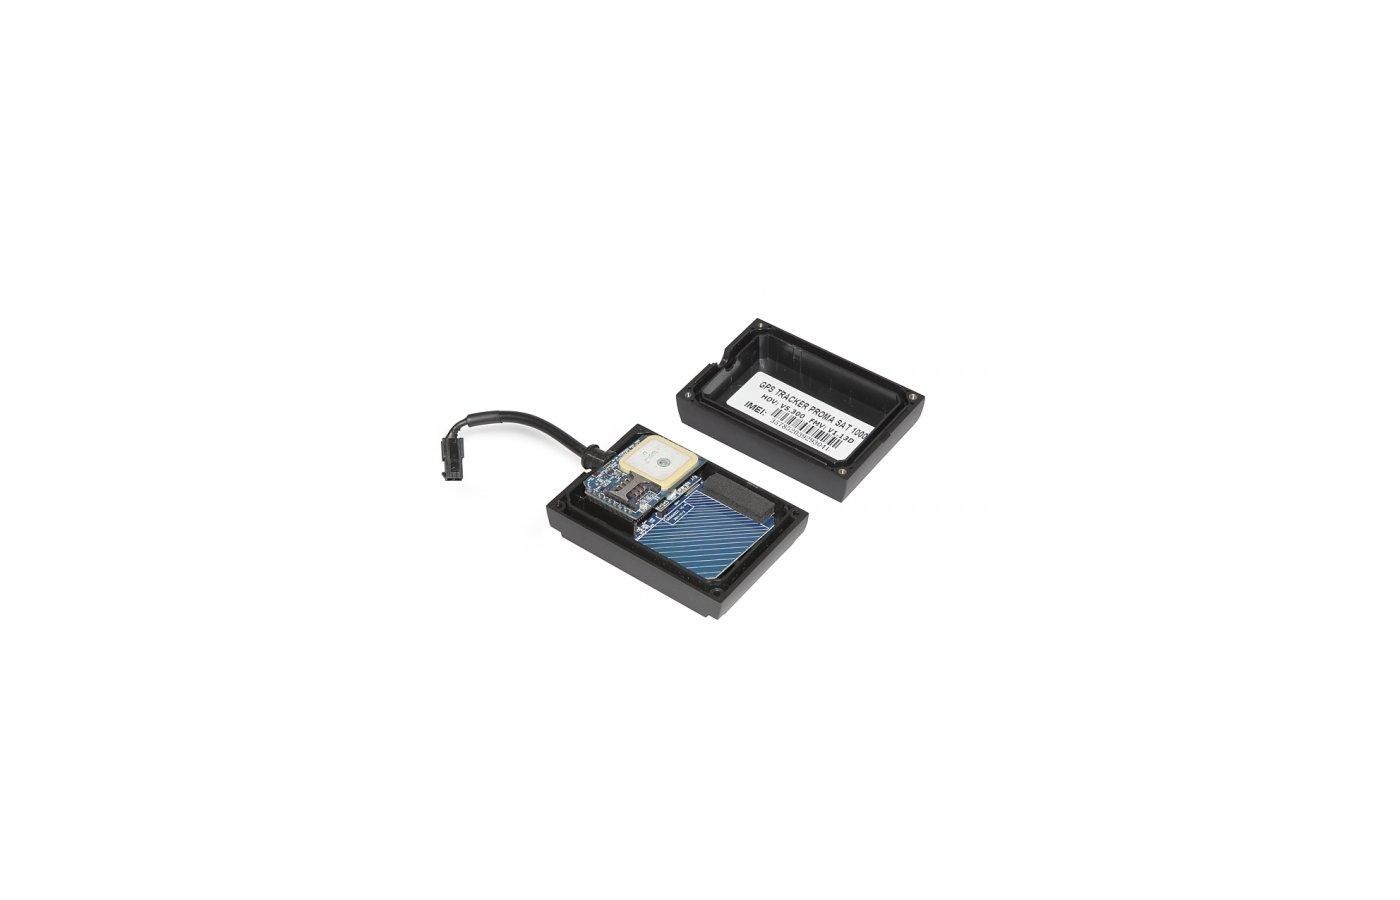 Сигнализация PROMA SAT 1000 + Magnet + 220 зарядка (4800 mAh)